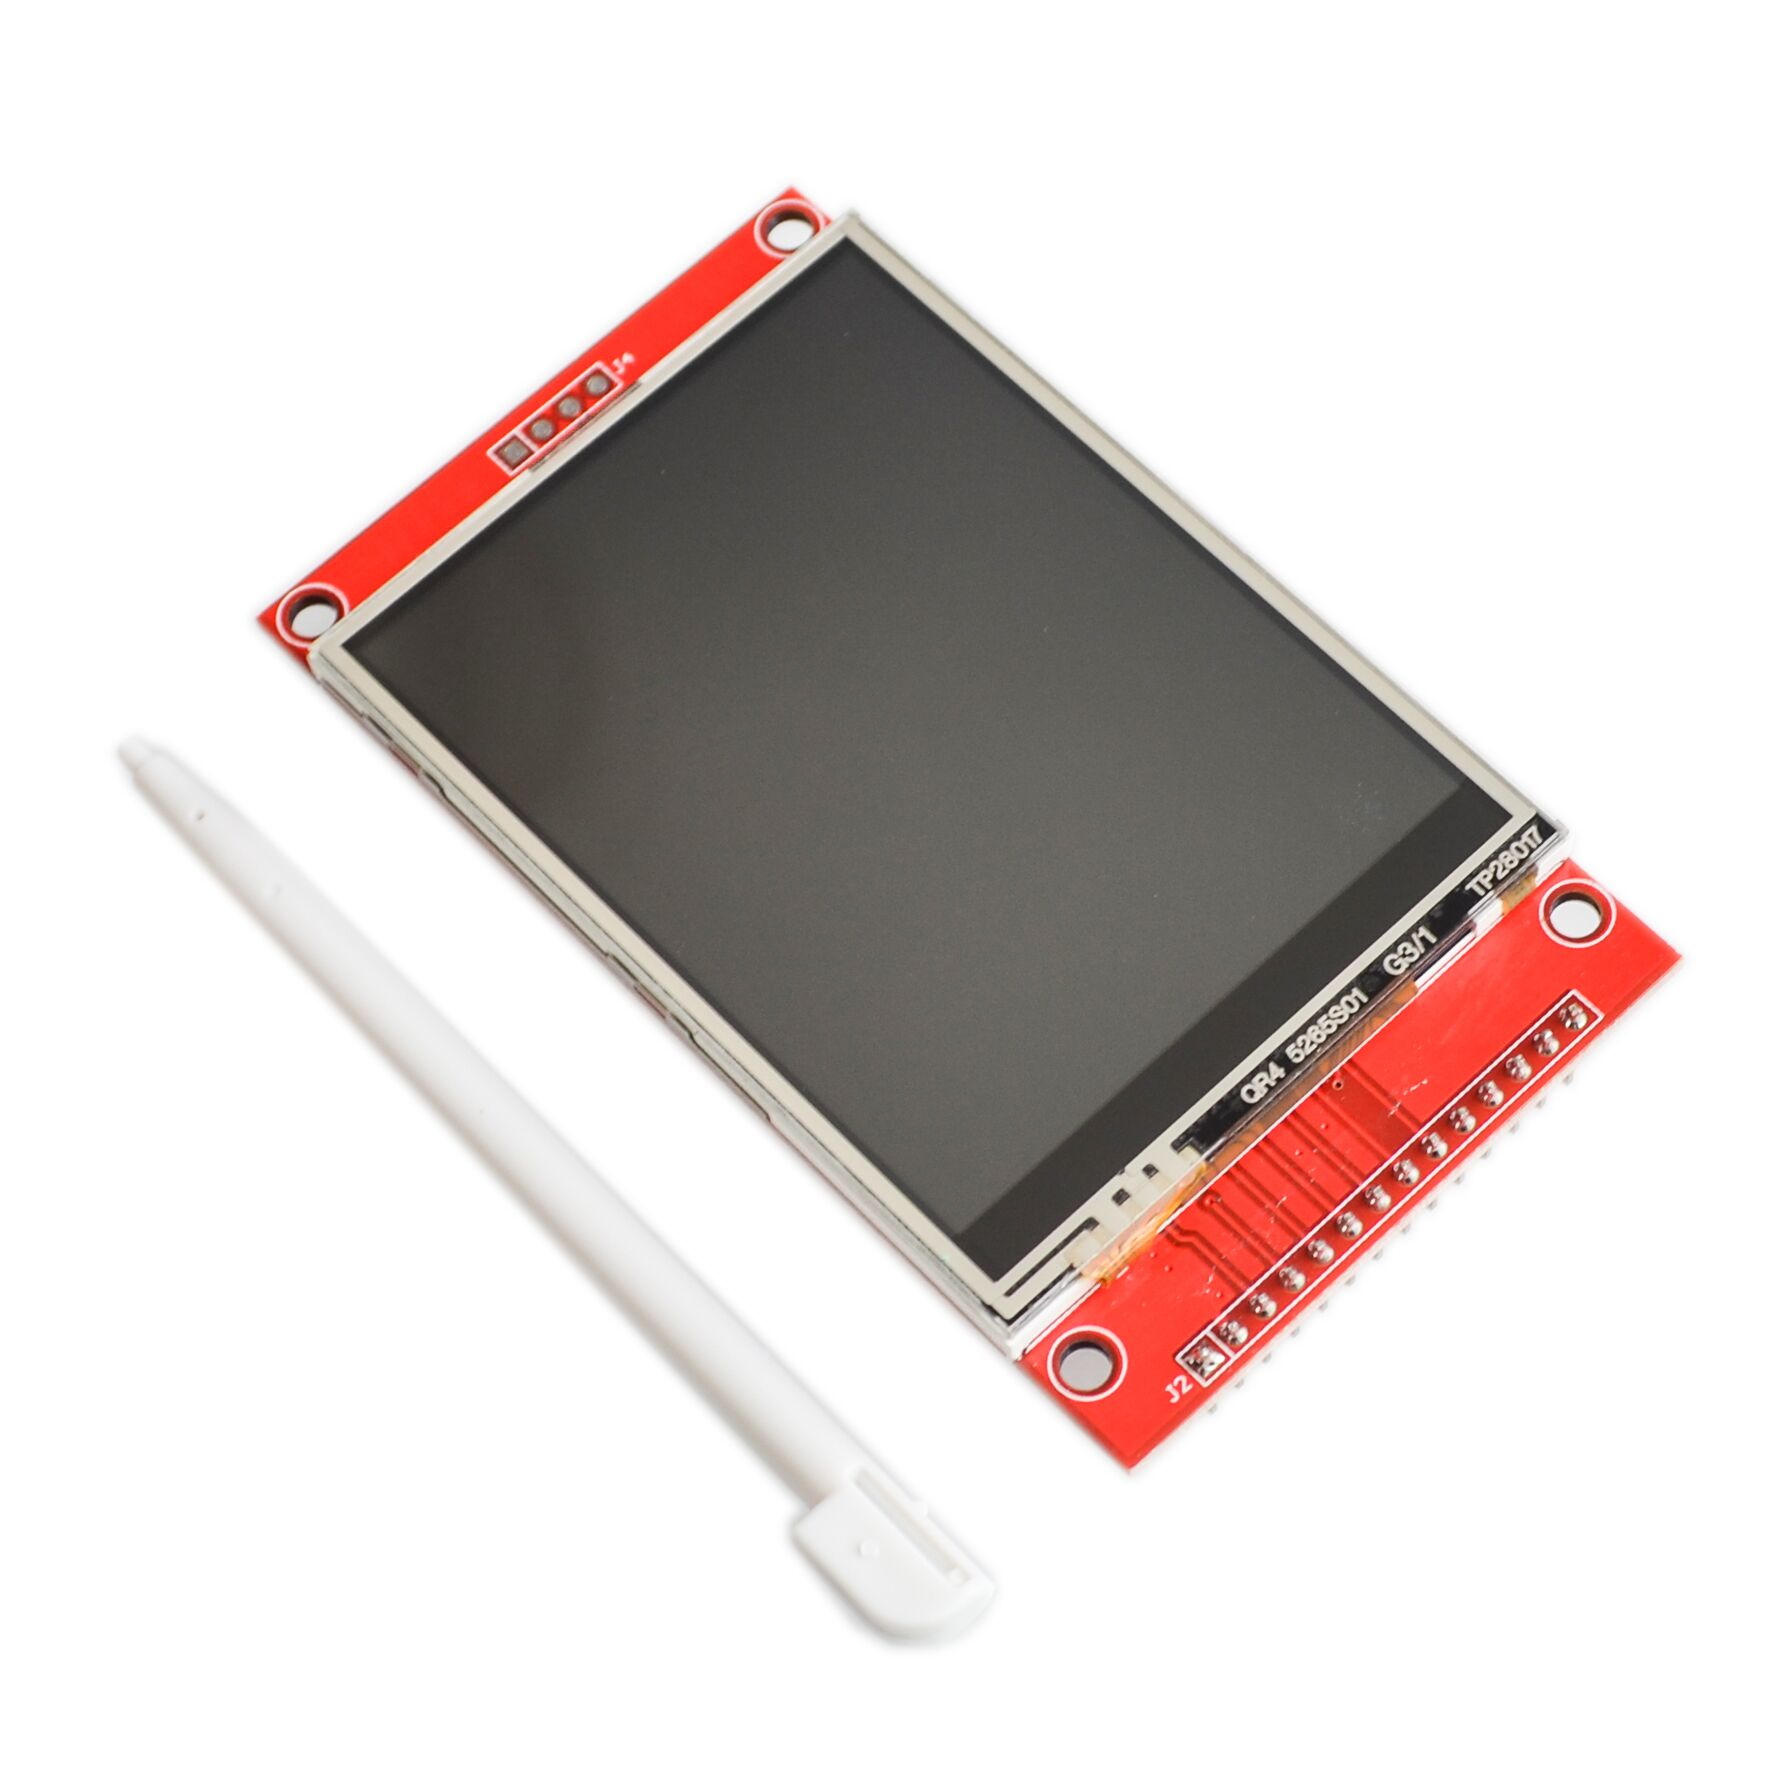 """240x320 2.8 """"Module de Port série d'écran tactile de TFT LCD de SPI avec PBC ILI9341 2.8 pouces affichage de LED blanc série de SPI avec le stylo tactile"""